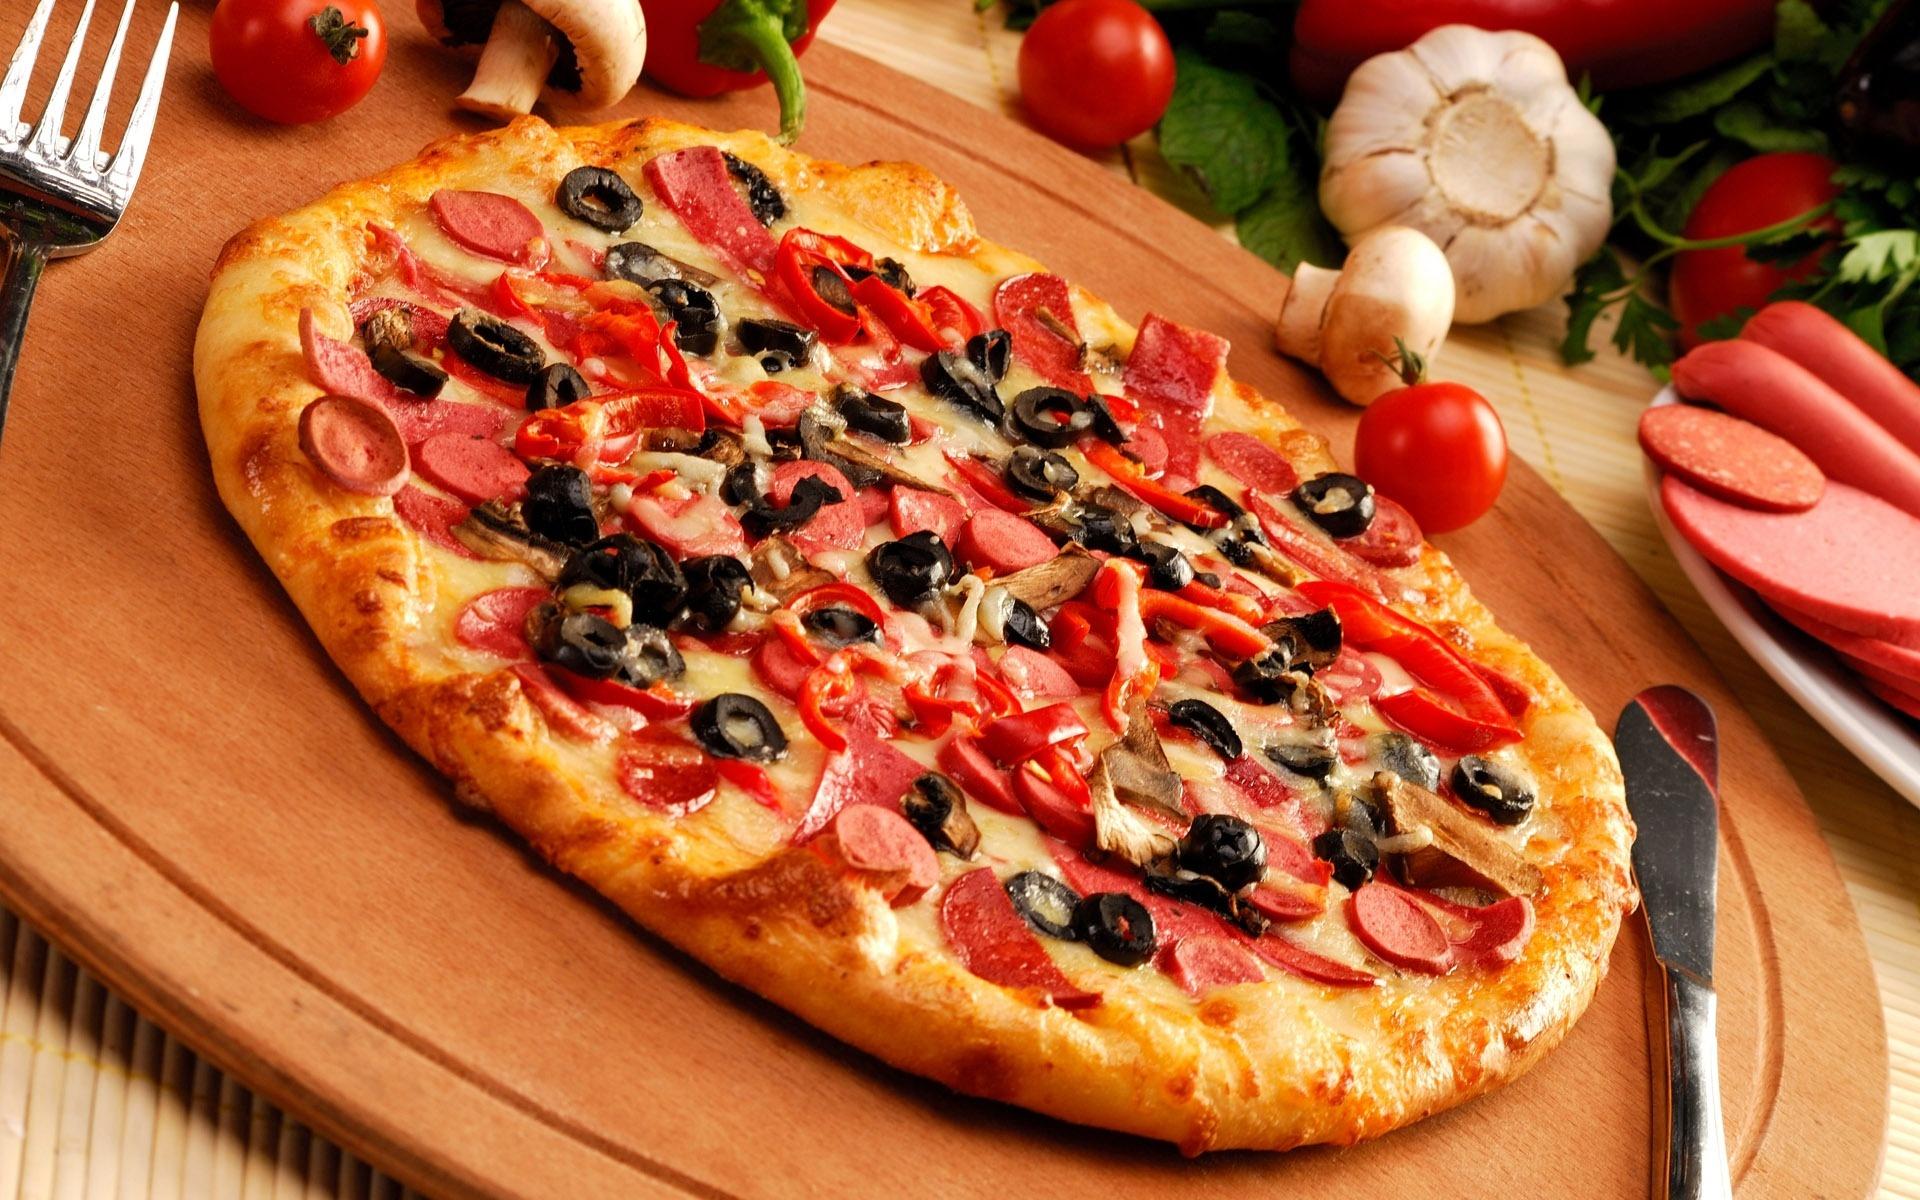 Піца з сосисками по краях: домашні рецепти з фото, начинки